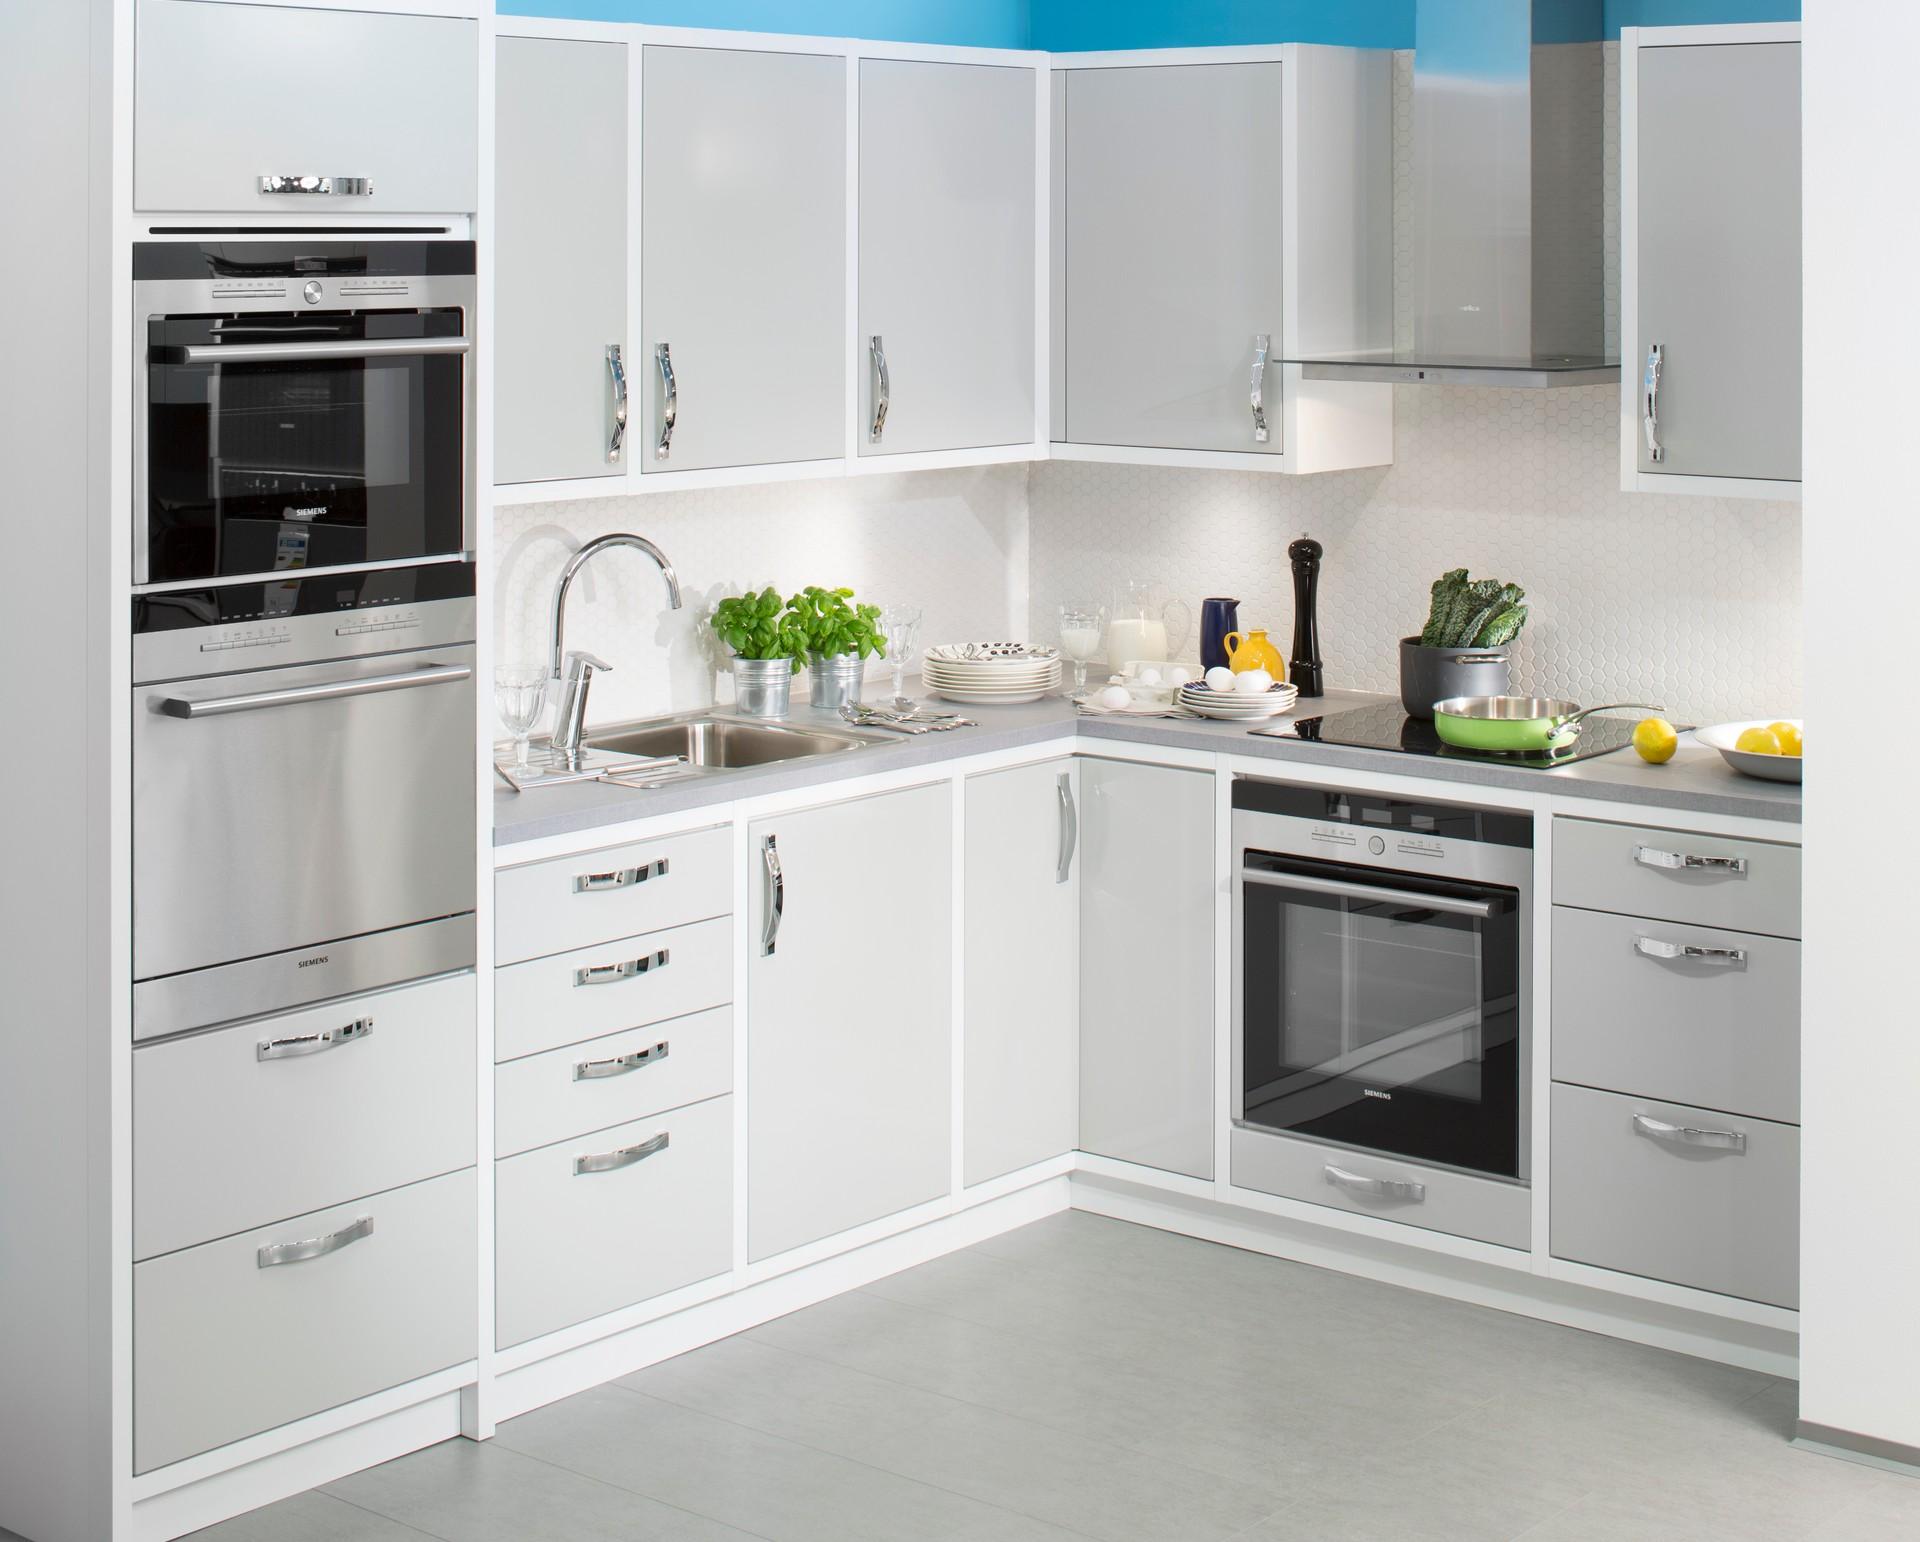 Petra keittiöiden uusi Uniikki mallisto modernia